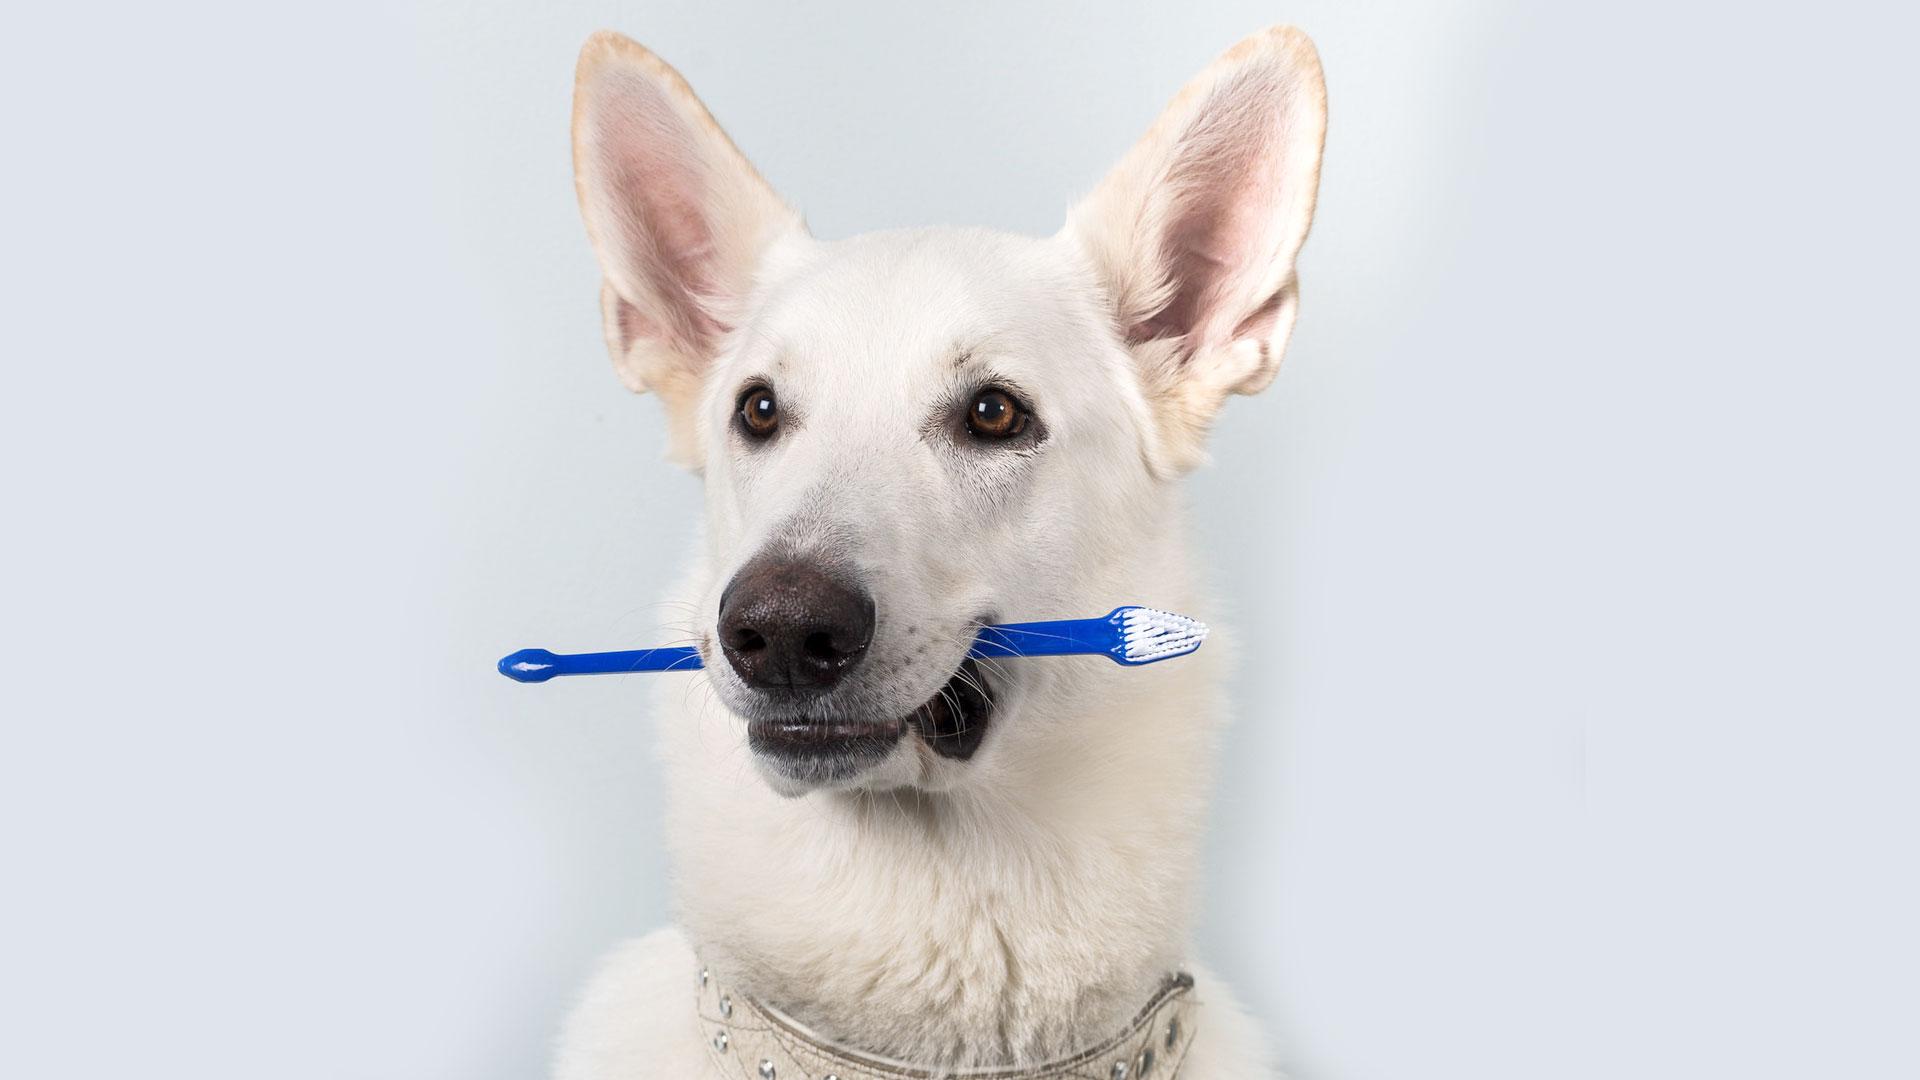 Lemmikkisi hammashoito